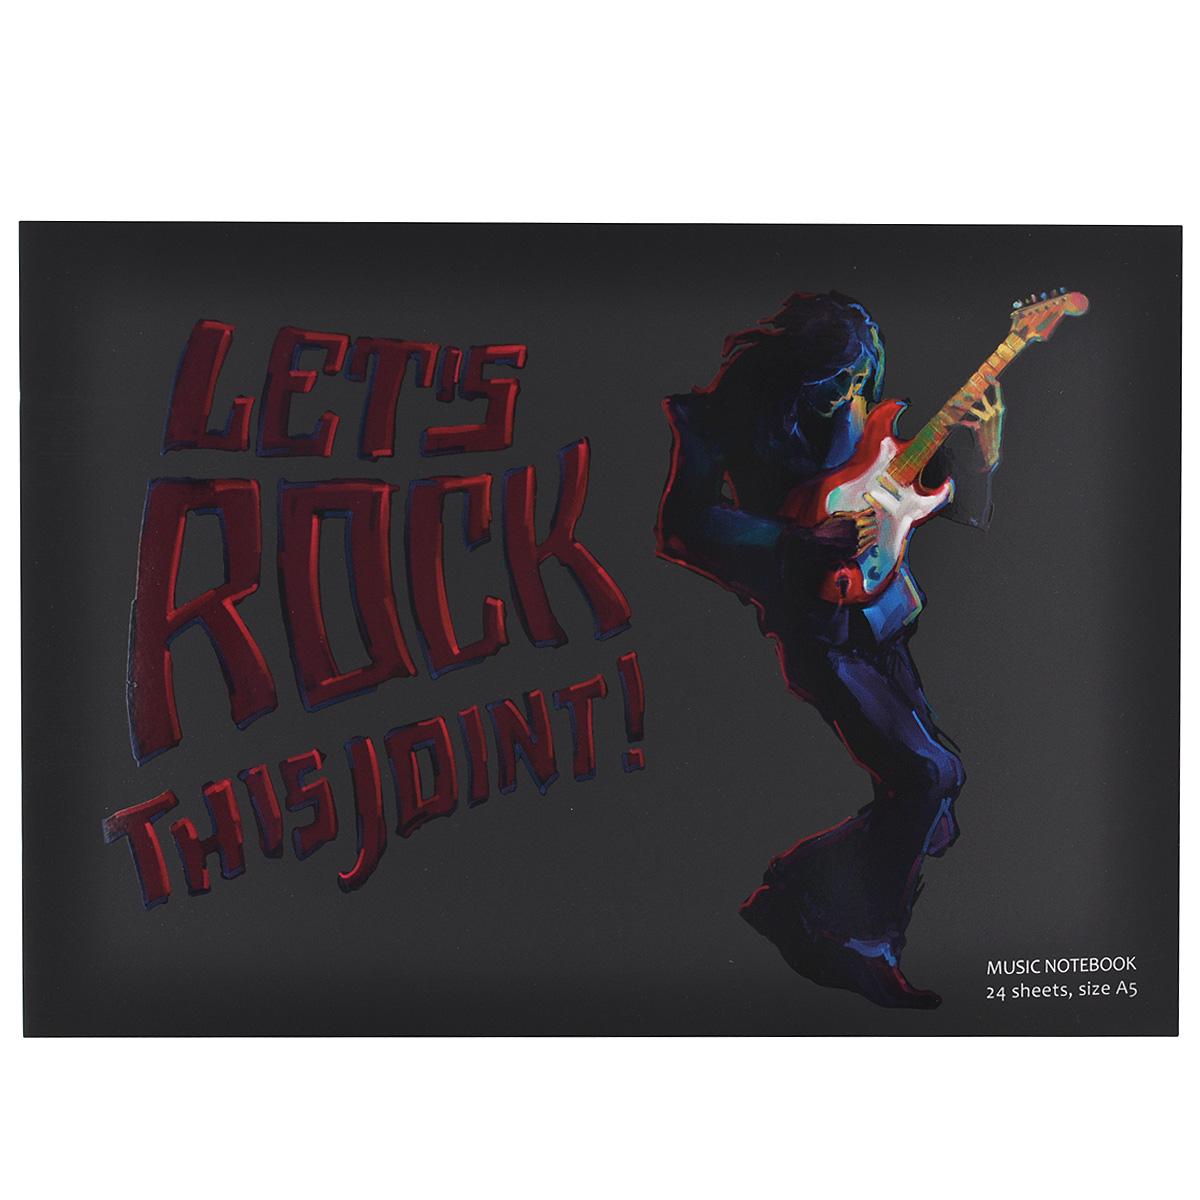 Тетрадь для нот Гитарист, 24 листа. Формат А5SMA510-V8-ETТетрадь для нот Гитарист - отличный помощник в обучении музыке. Обложка выполнена из картона черного цвета и оформлена изображением гитариста и надписью Lets Rock This Joint. Внутренний блок включает 24 листа с нотными станами.